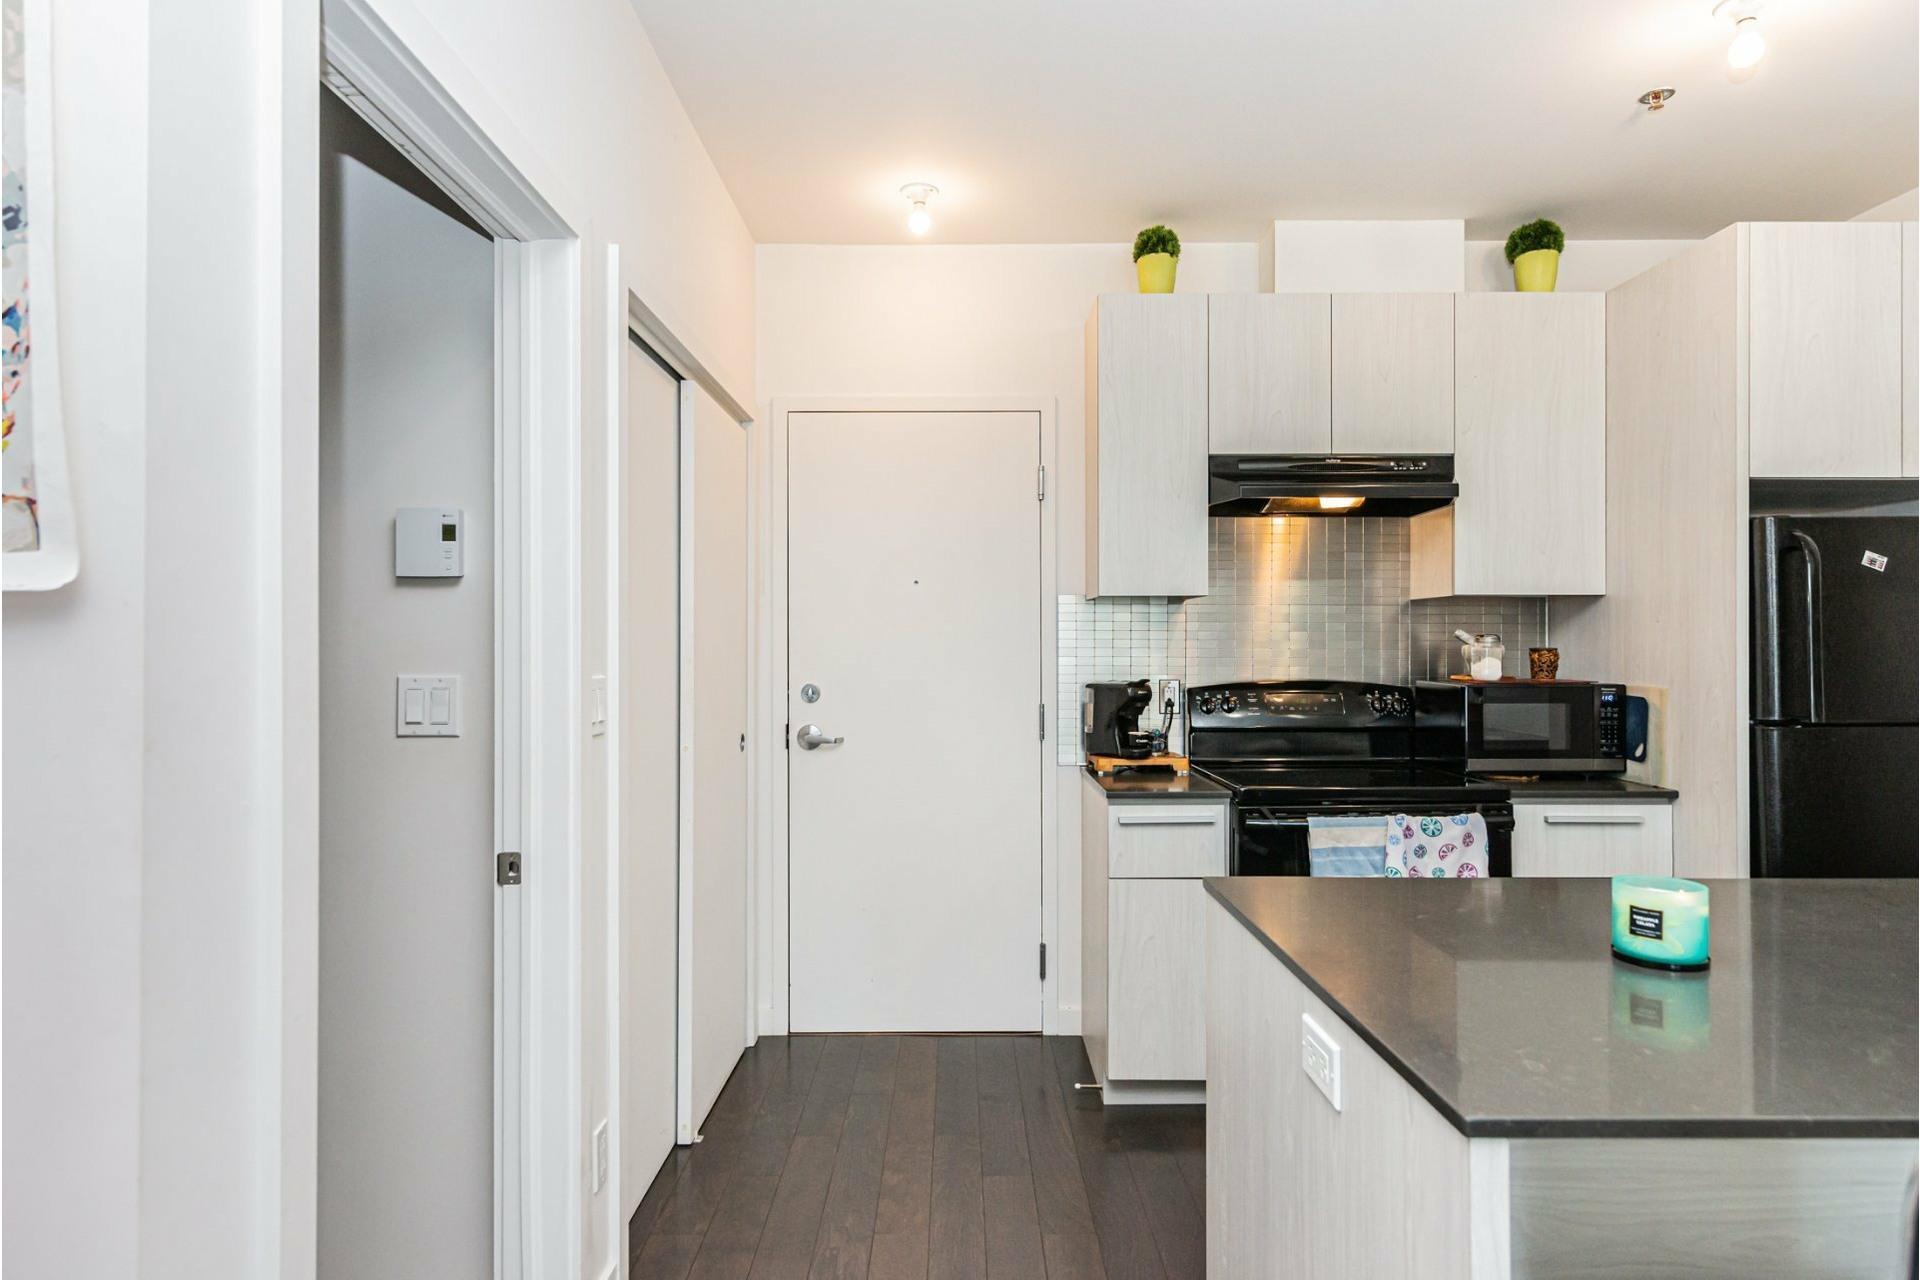 image 8 - Apartment For sale Lachine Montréal  - 4 rooms